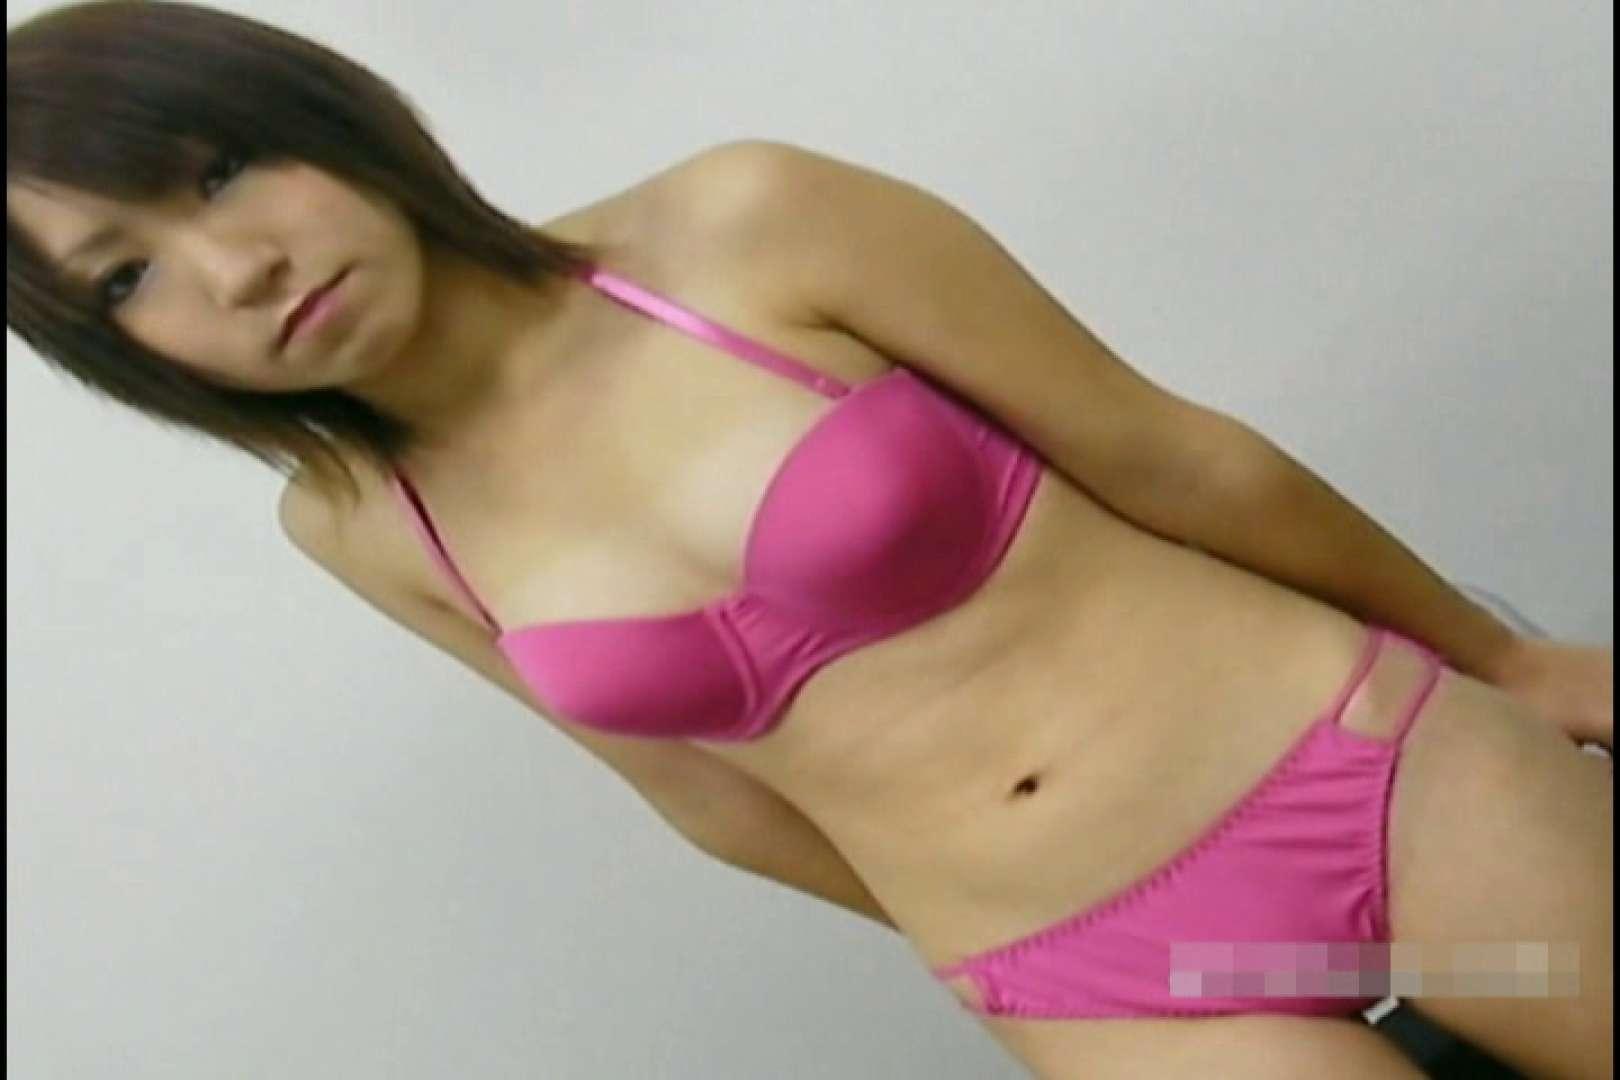 素人撮影 下着だけの撮影のはずが・・・れみ18歳 乳首 覗きおまんこ画像 84連発 24